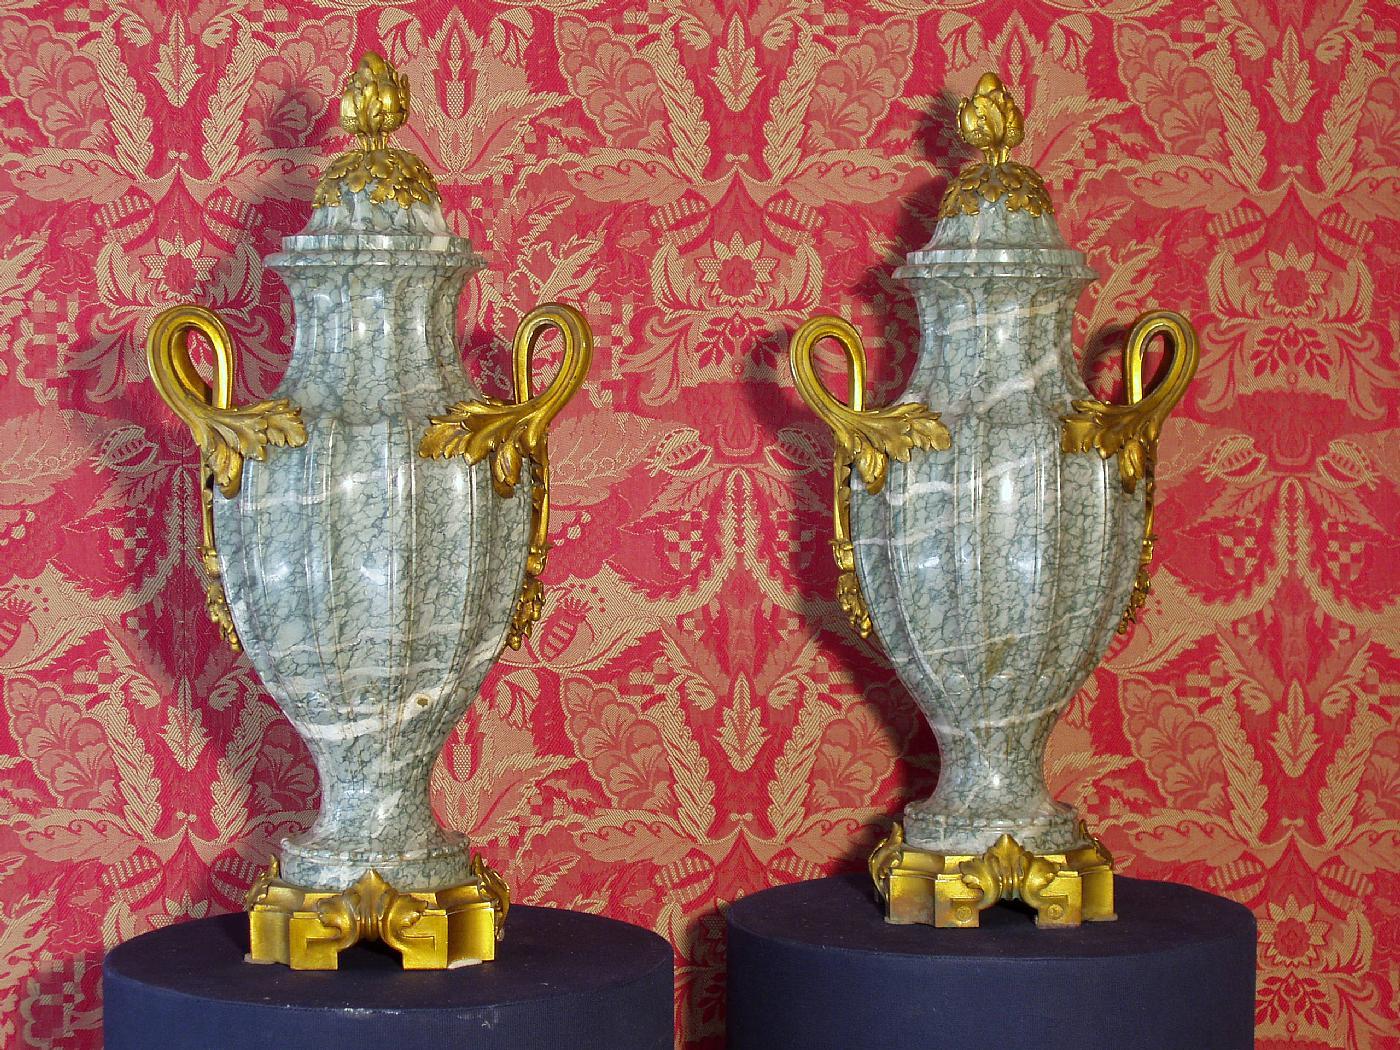 Galleria previtali srl bergamo for Vasi marmo